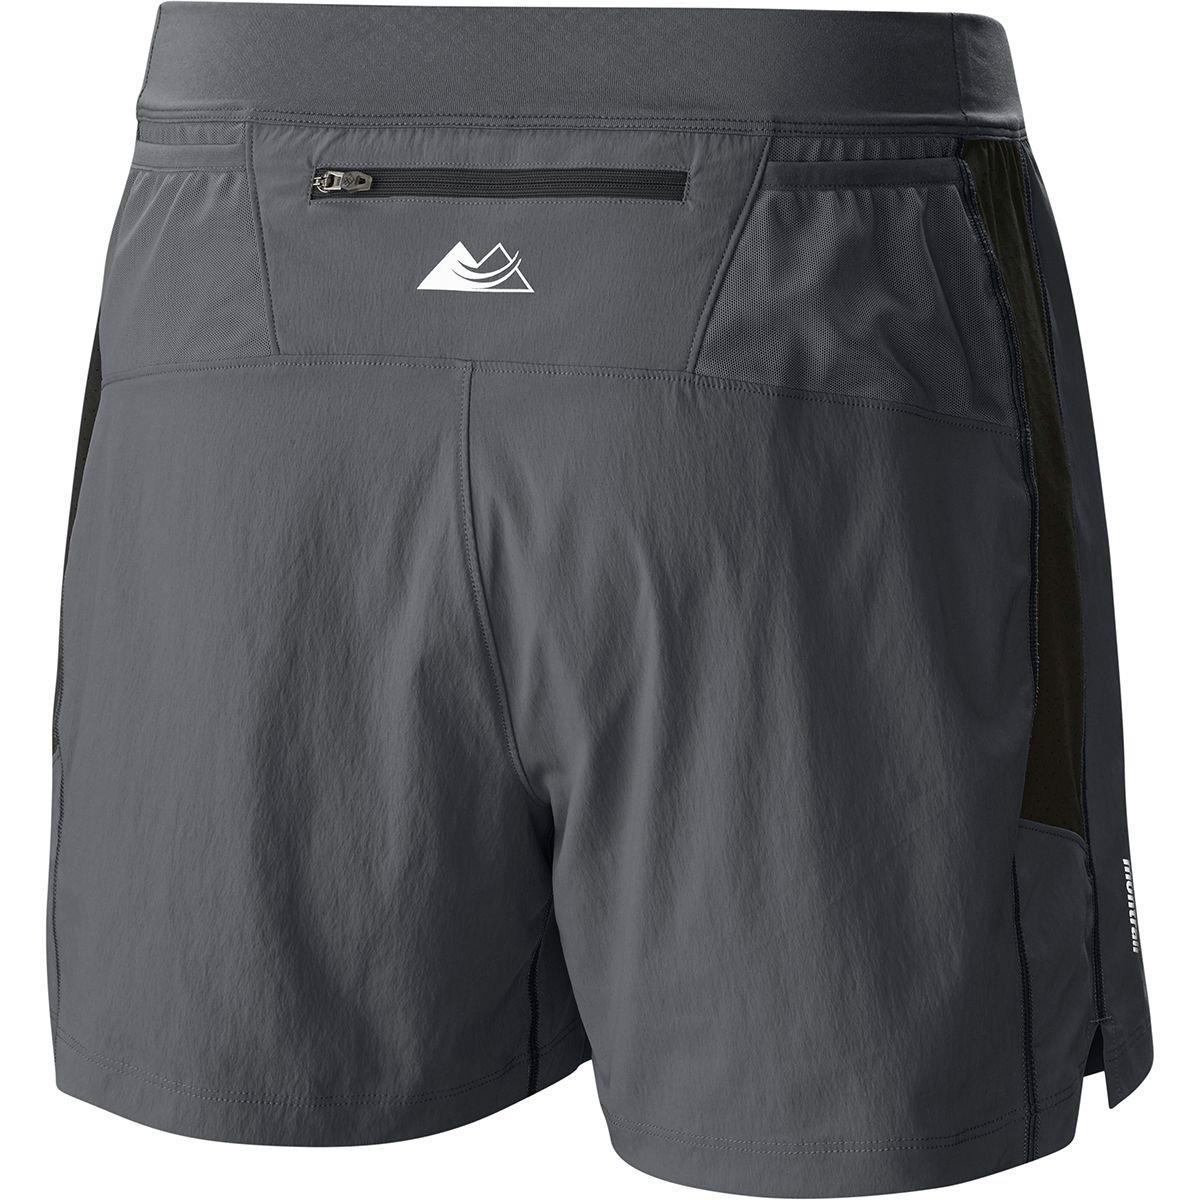 66ca9b2e Amazon.com : Columbia Titan Ultra Short - Men's Graphite, XXL-5 ...